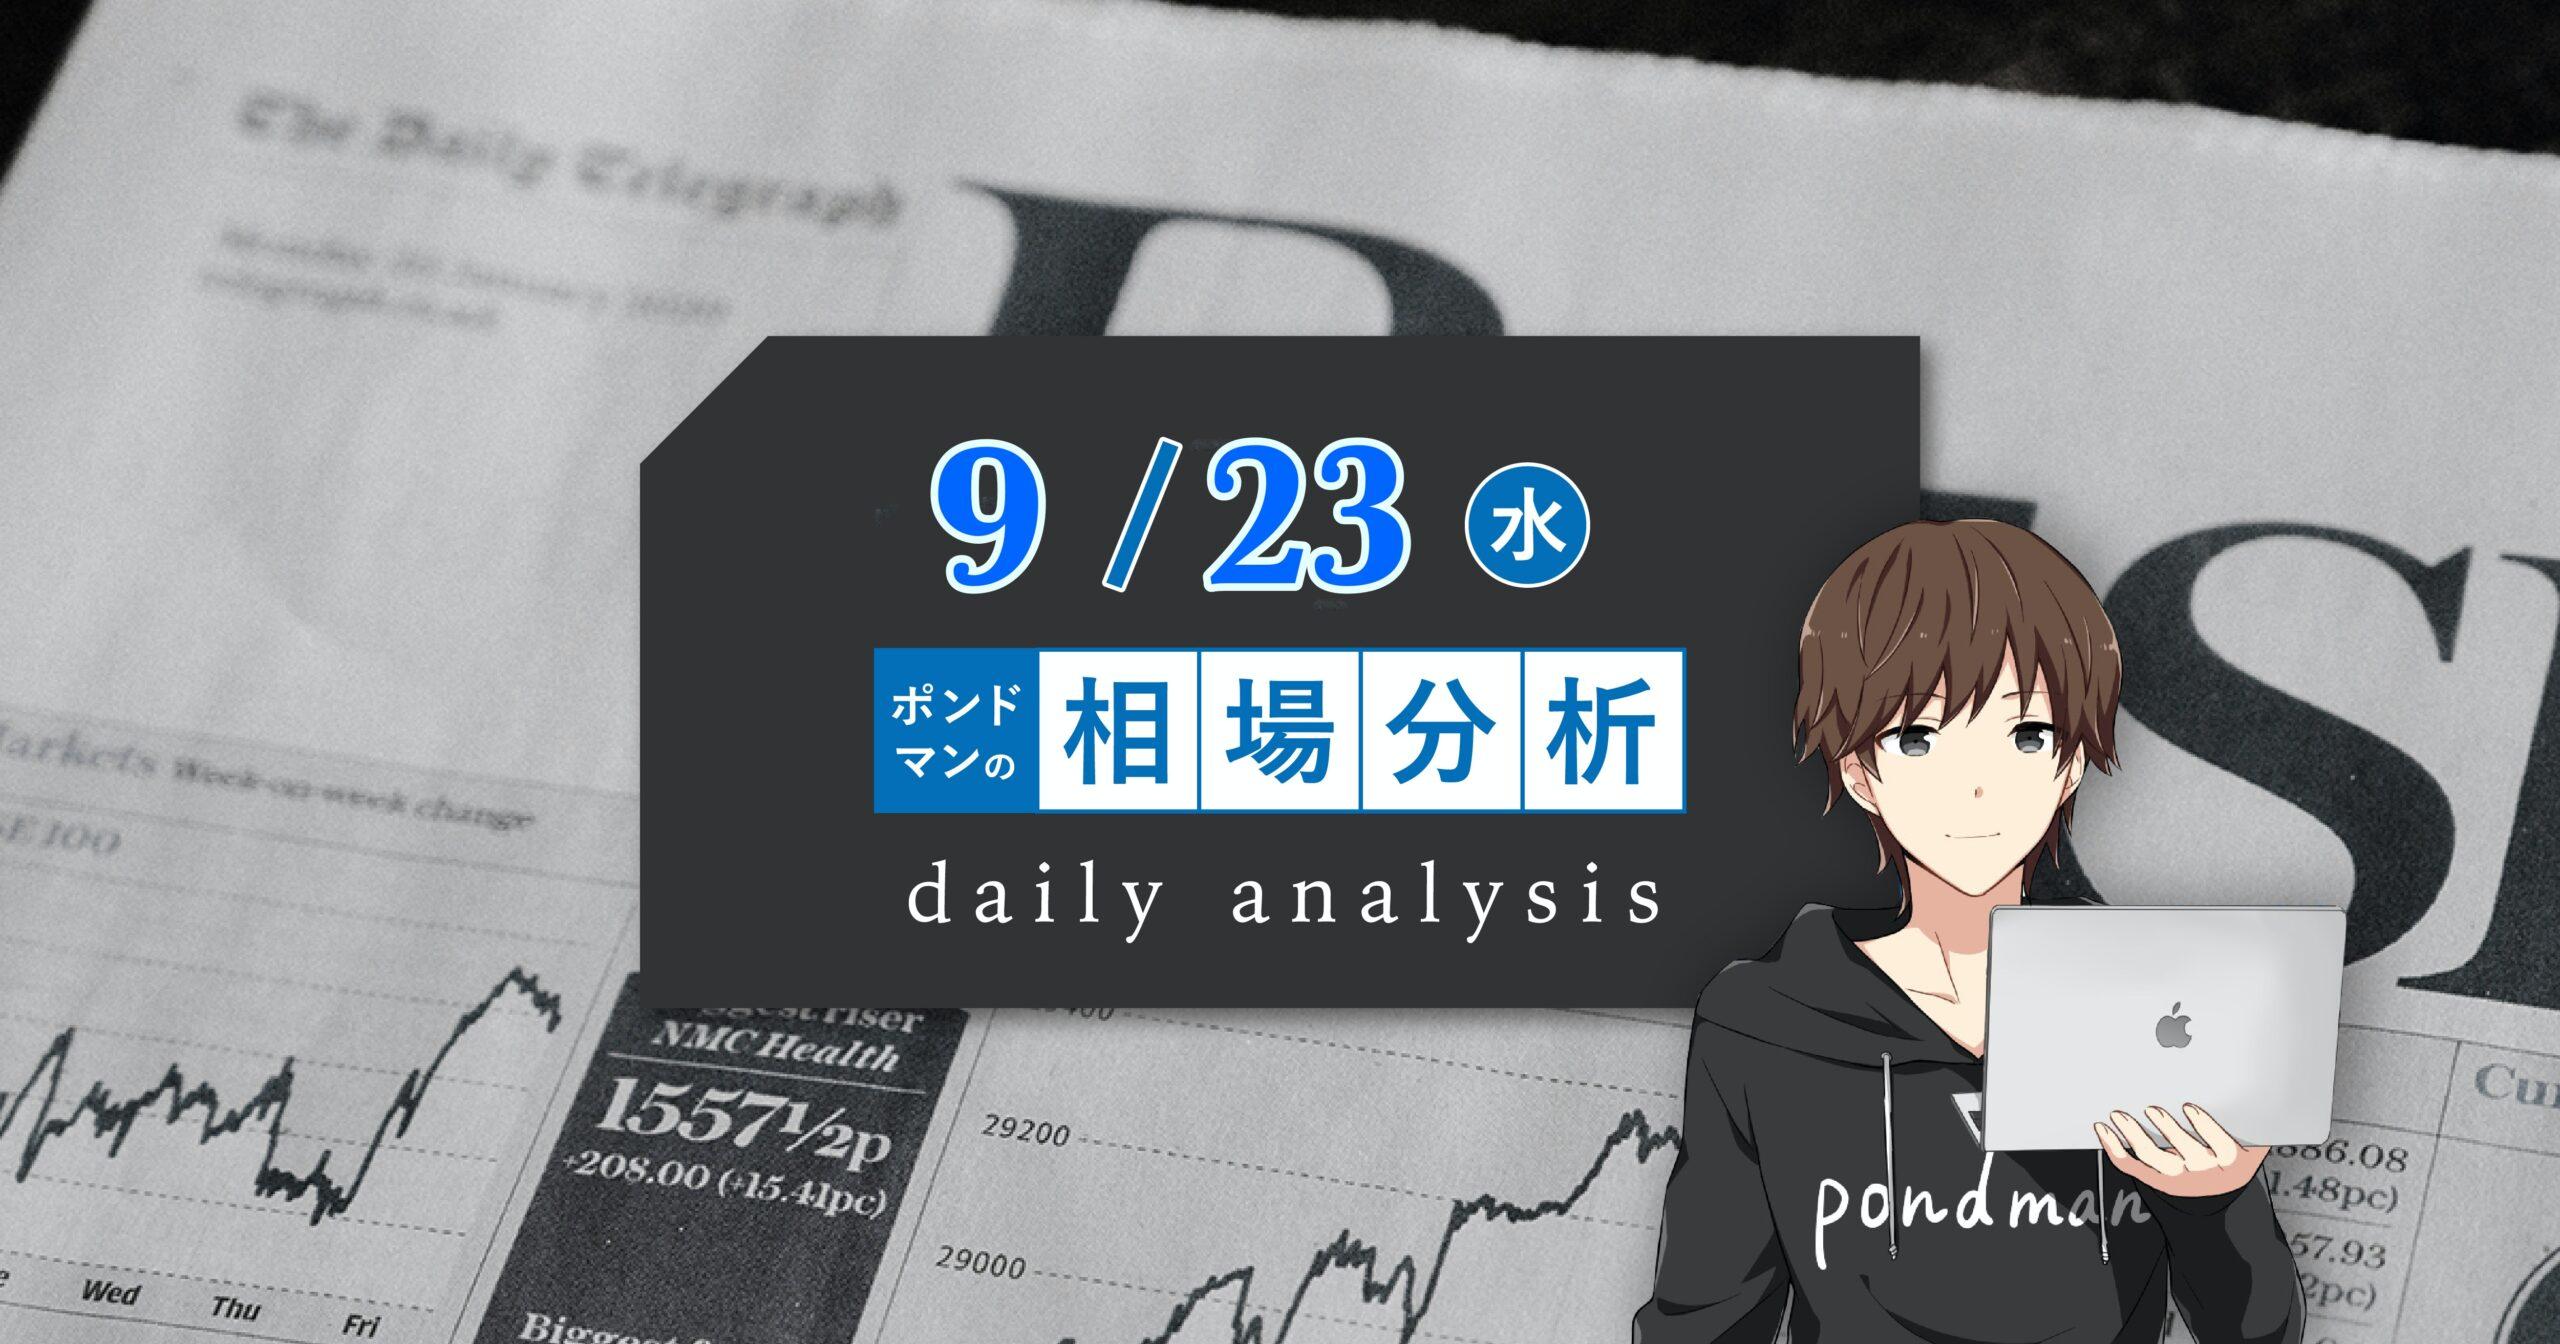 【9月22日】要チェック!今回のFOMCの注目ポイントと値動き予想の総まとめ!